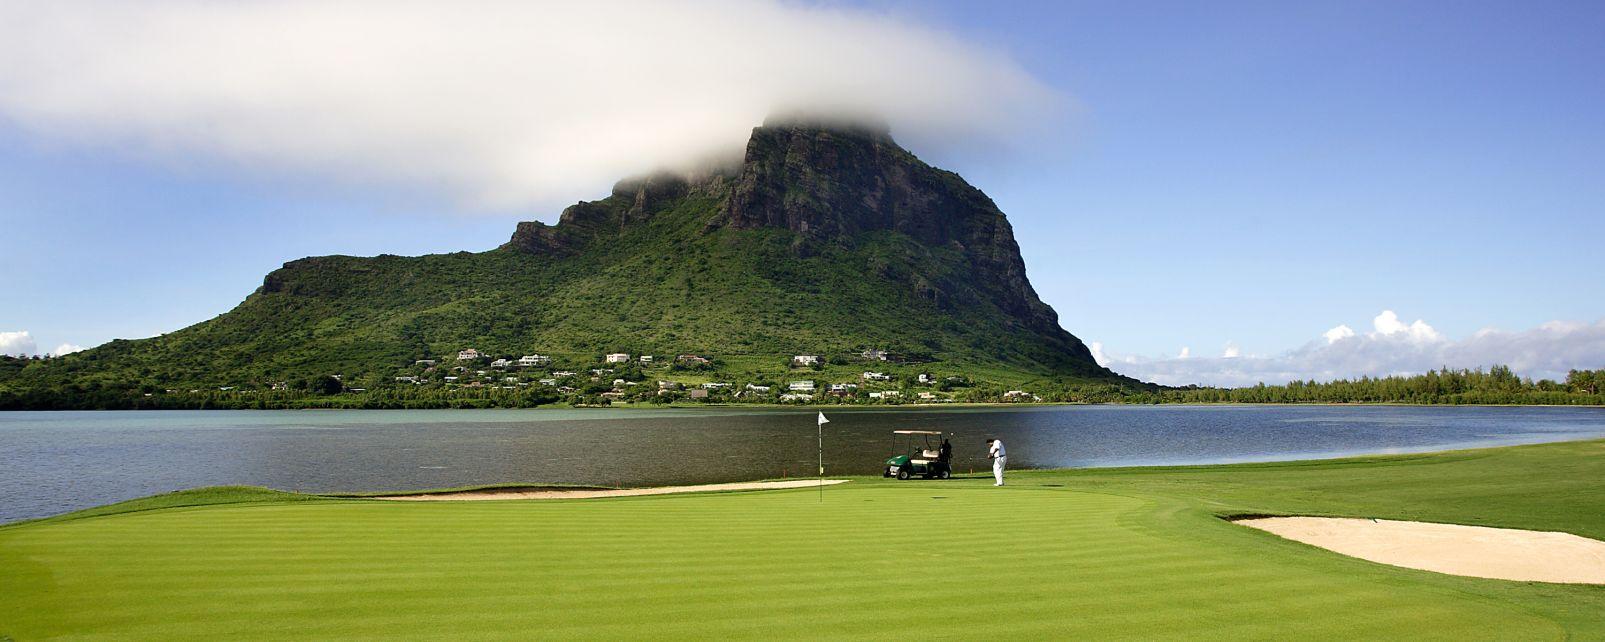 Les activités et les loisirs, ile, île, maurice, golf, sport, océan indien, afrique, green